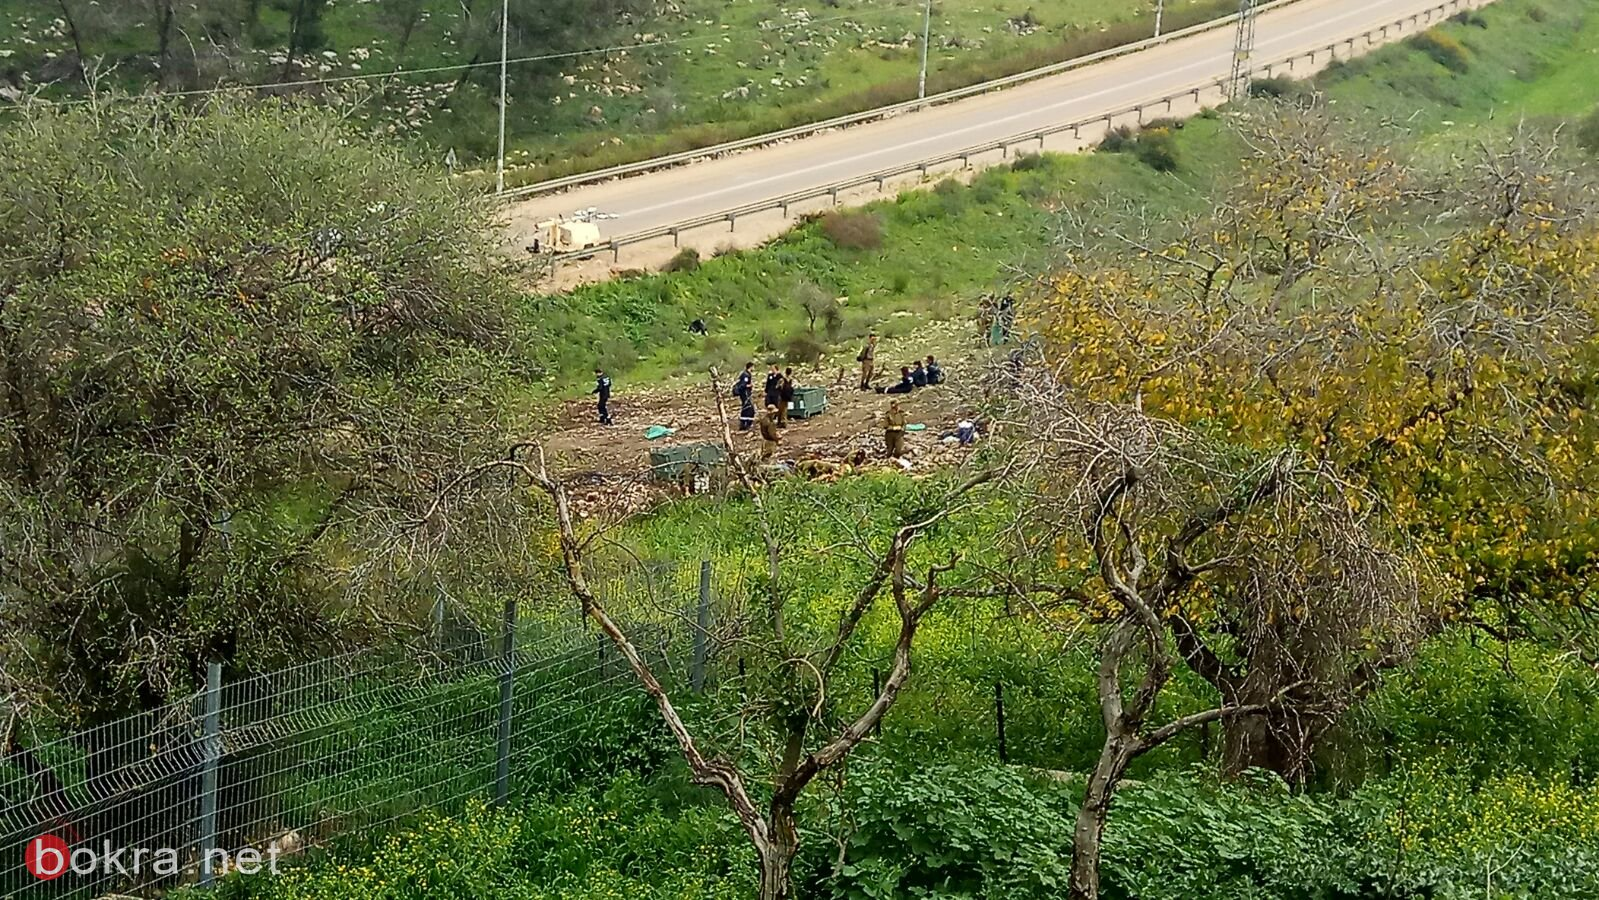 استمرار إغلاق الشارع المحاذي لمنطقة سقوط الطائرة الحربية